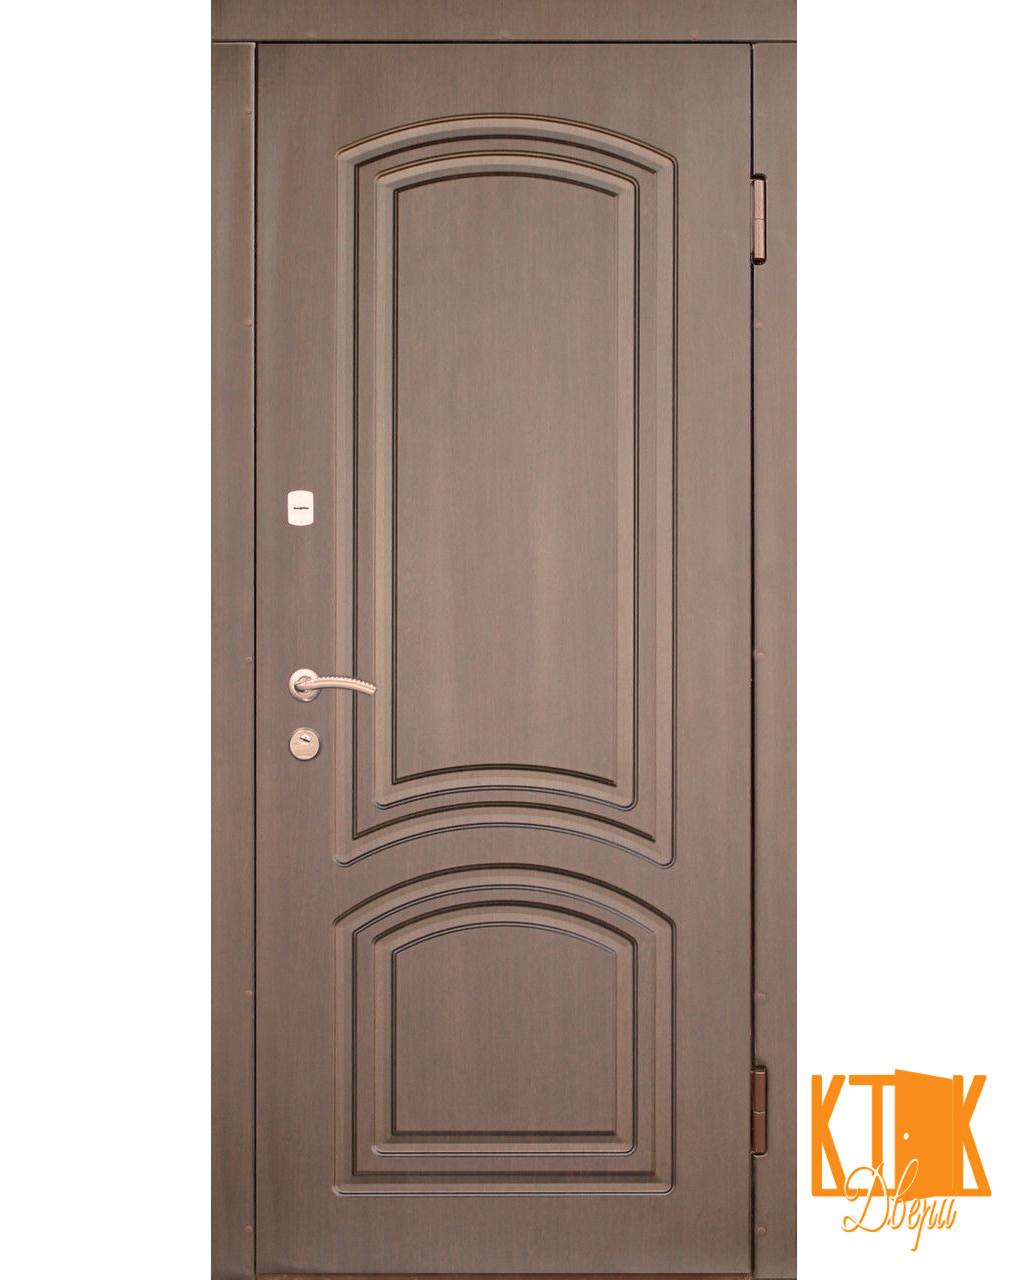 Уличная дверь серии Элегант-Антик (тёмный орех, медный антик)